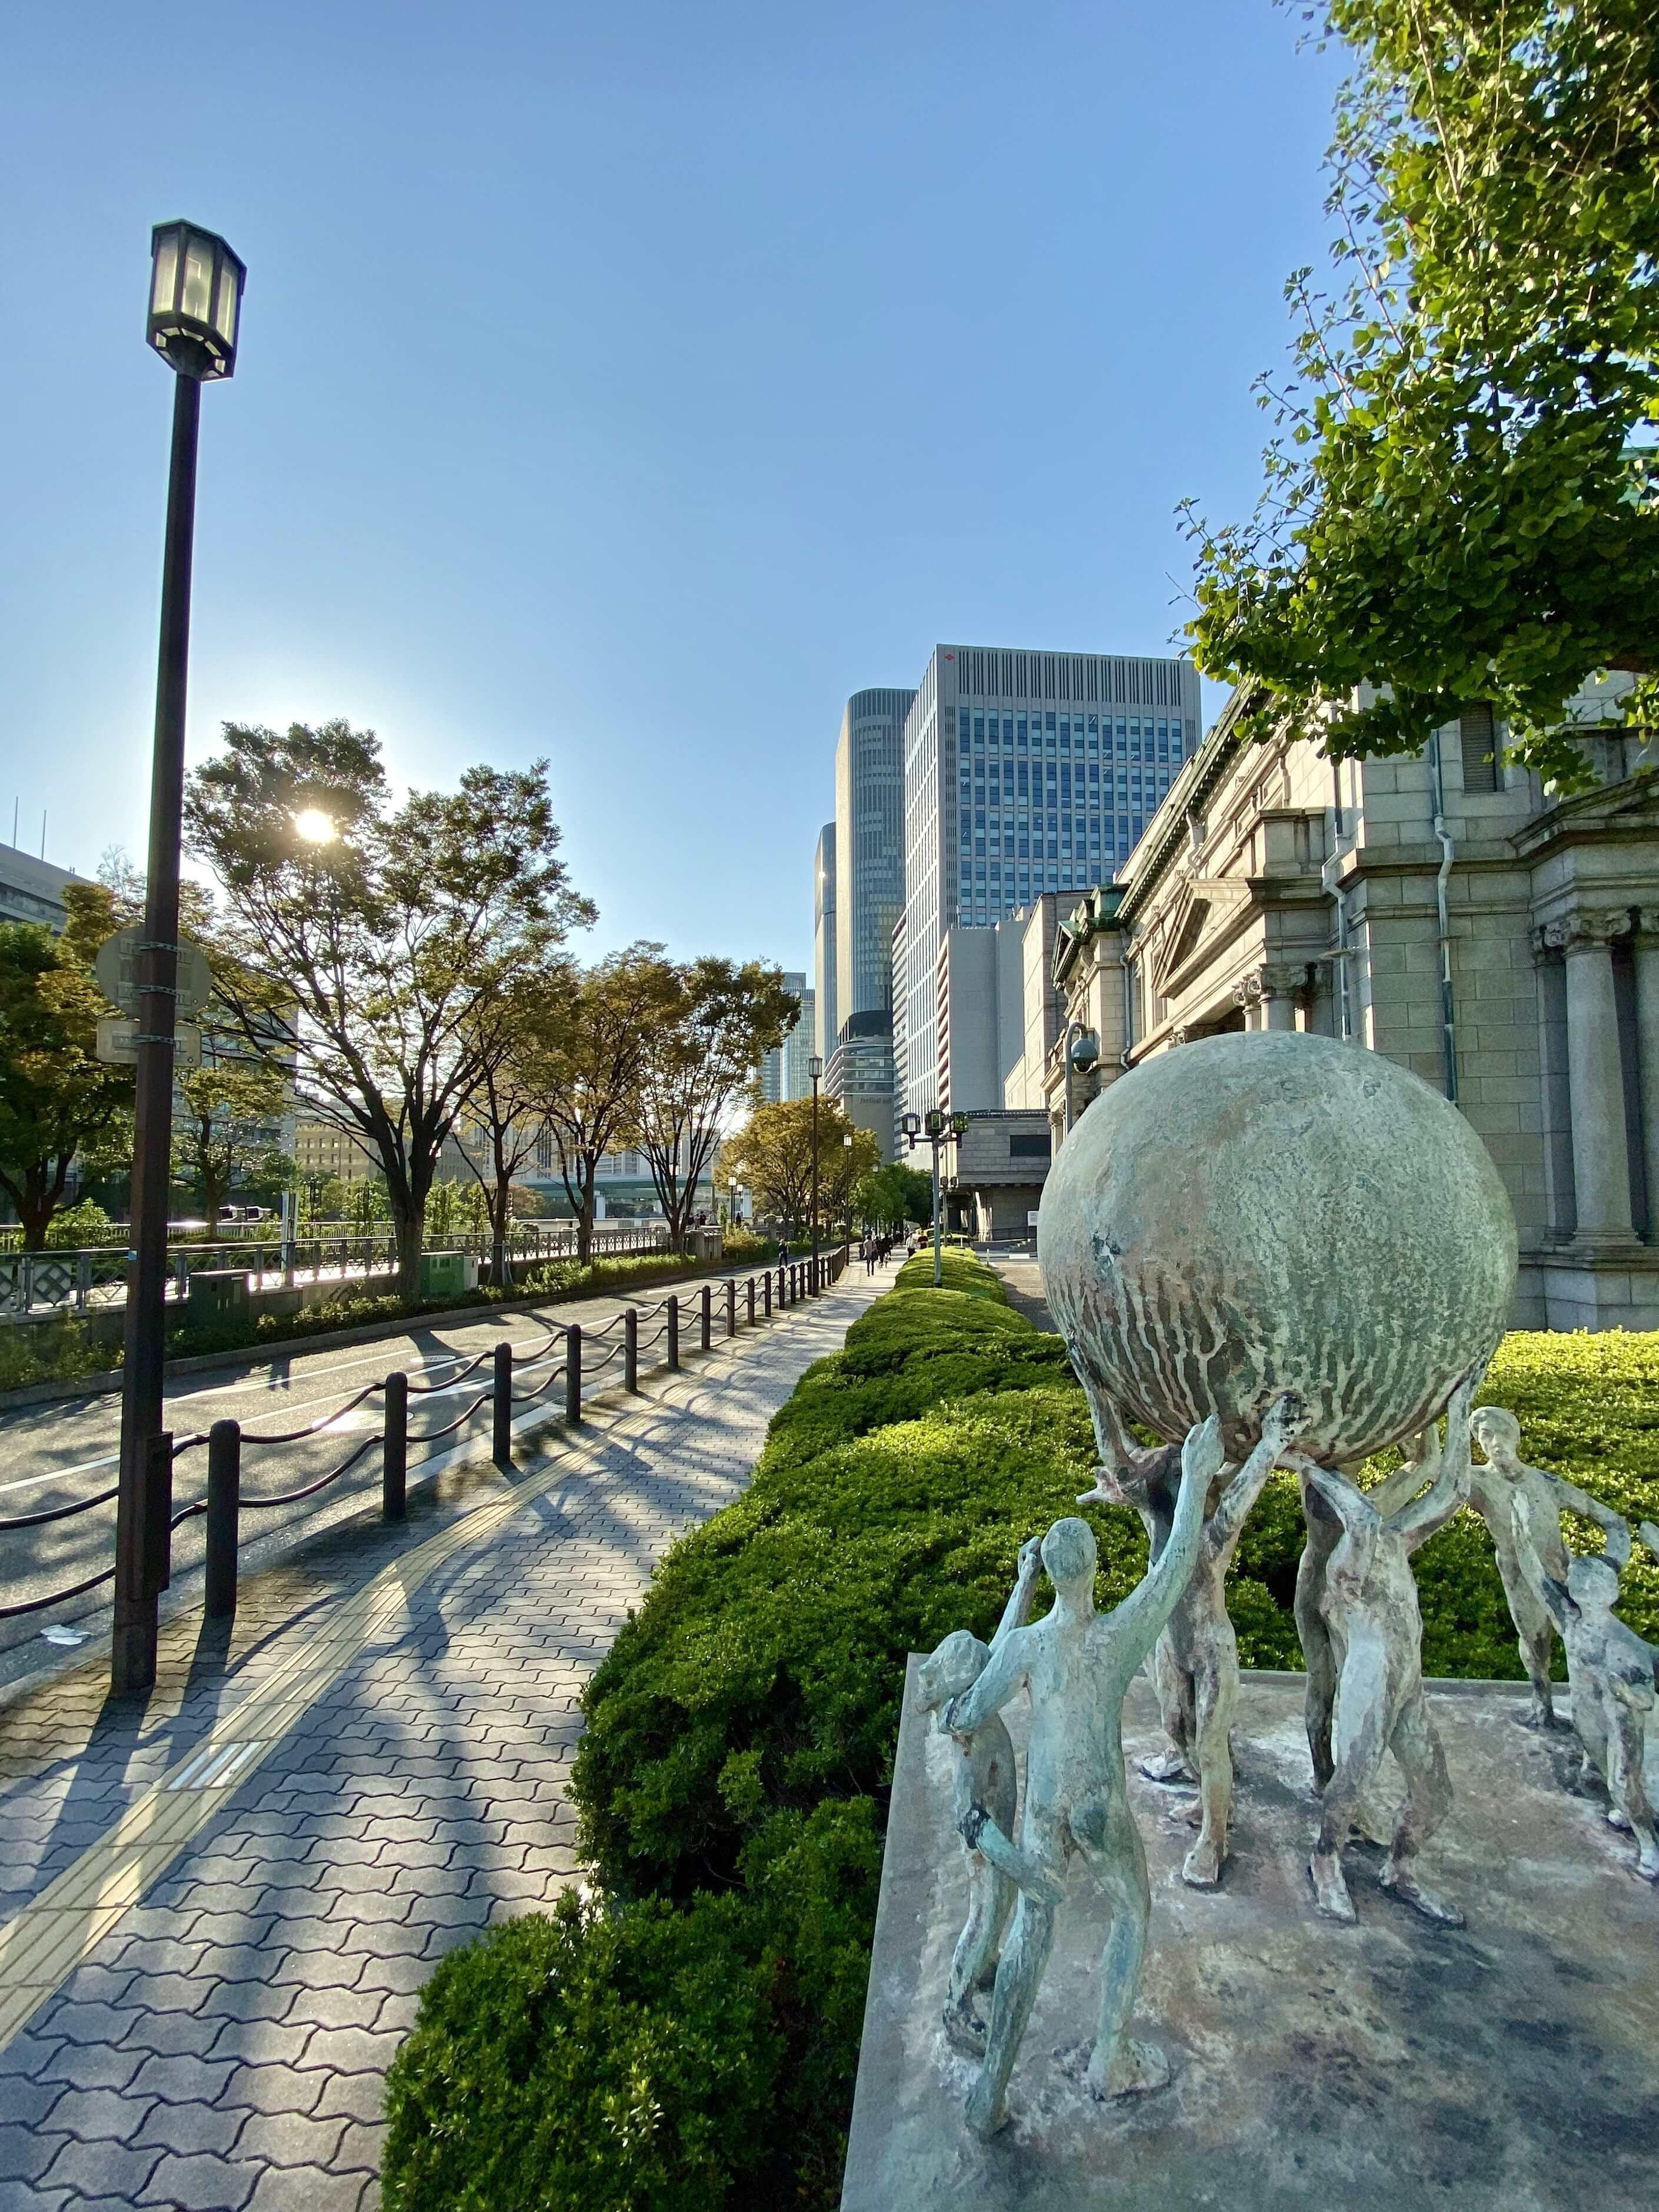 作品名:どこまで運ぶ⁈ / 撮影場所:日本銀行大阪支店付近 / 撮影者:pajeraw_ttさん